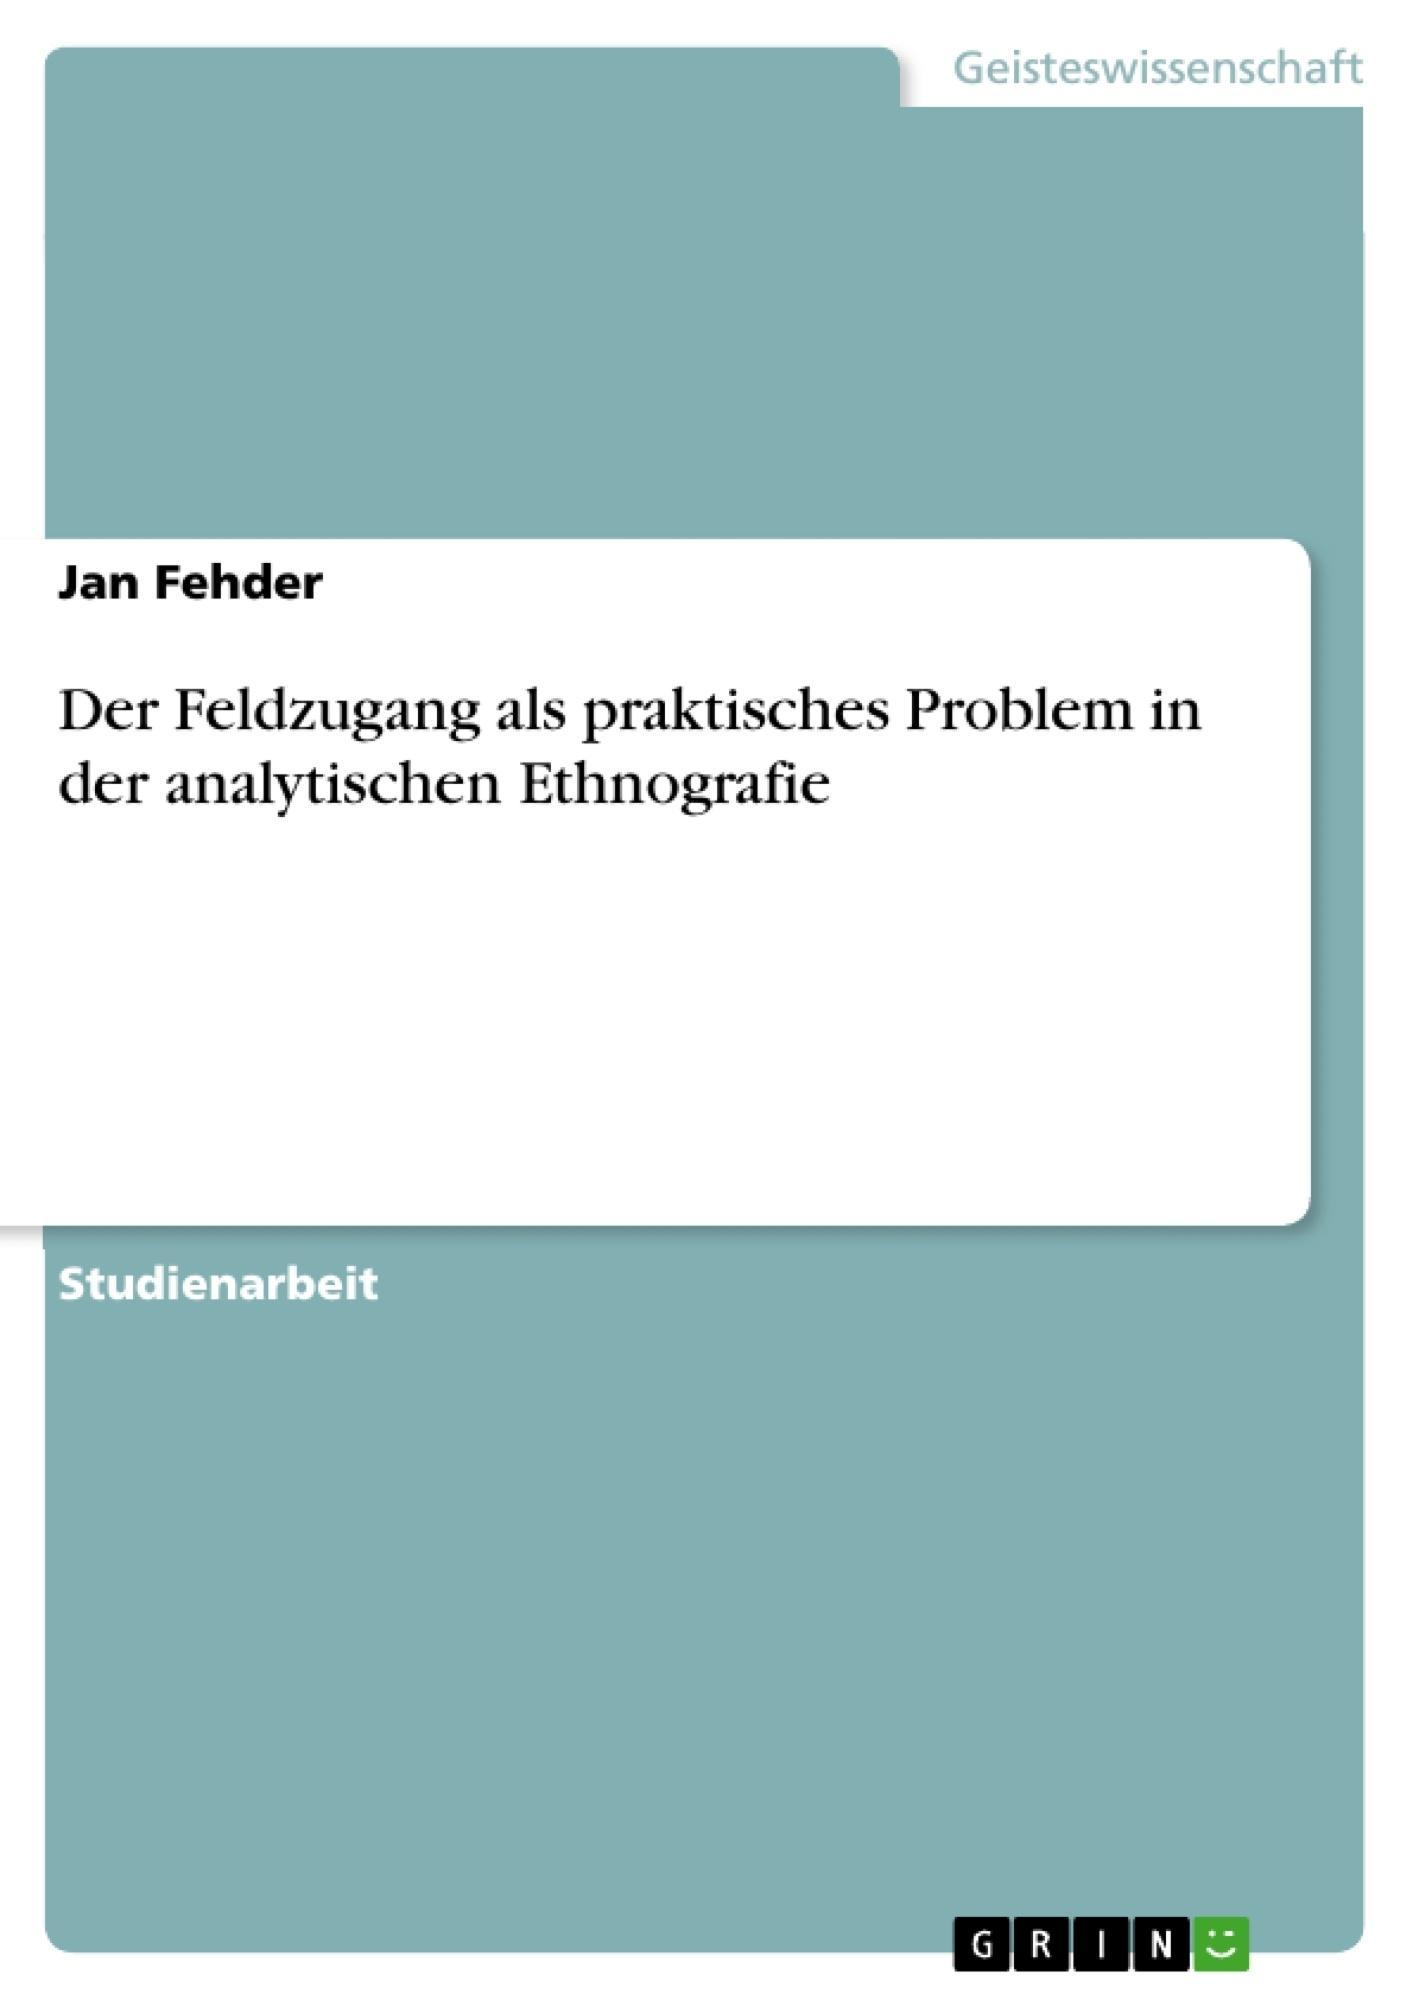 Titel: Der Feldzugang als praktisches Problem in der analytischen Ethnografie